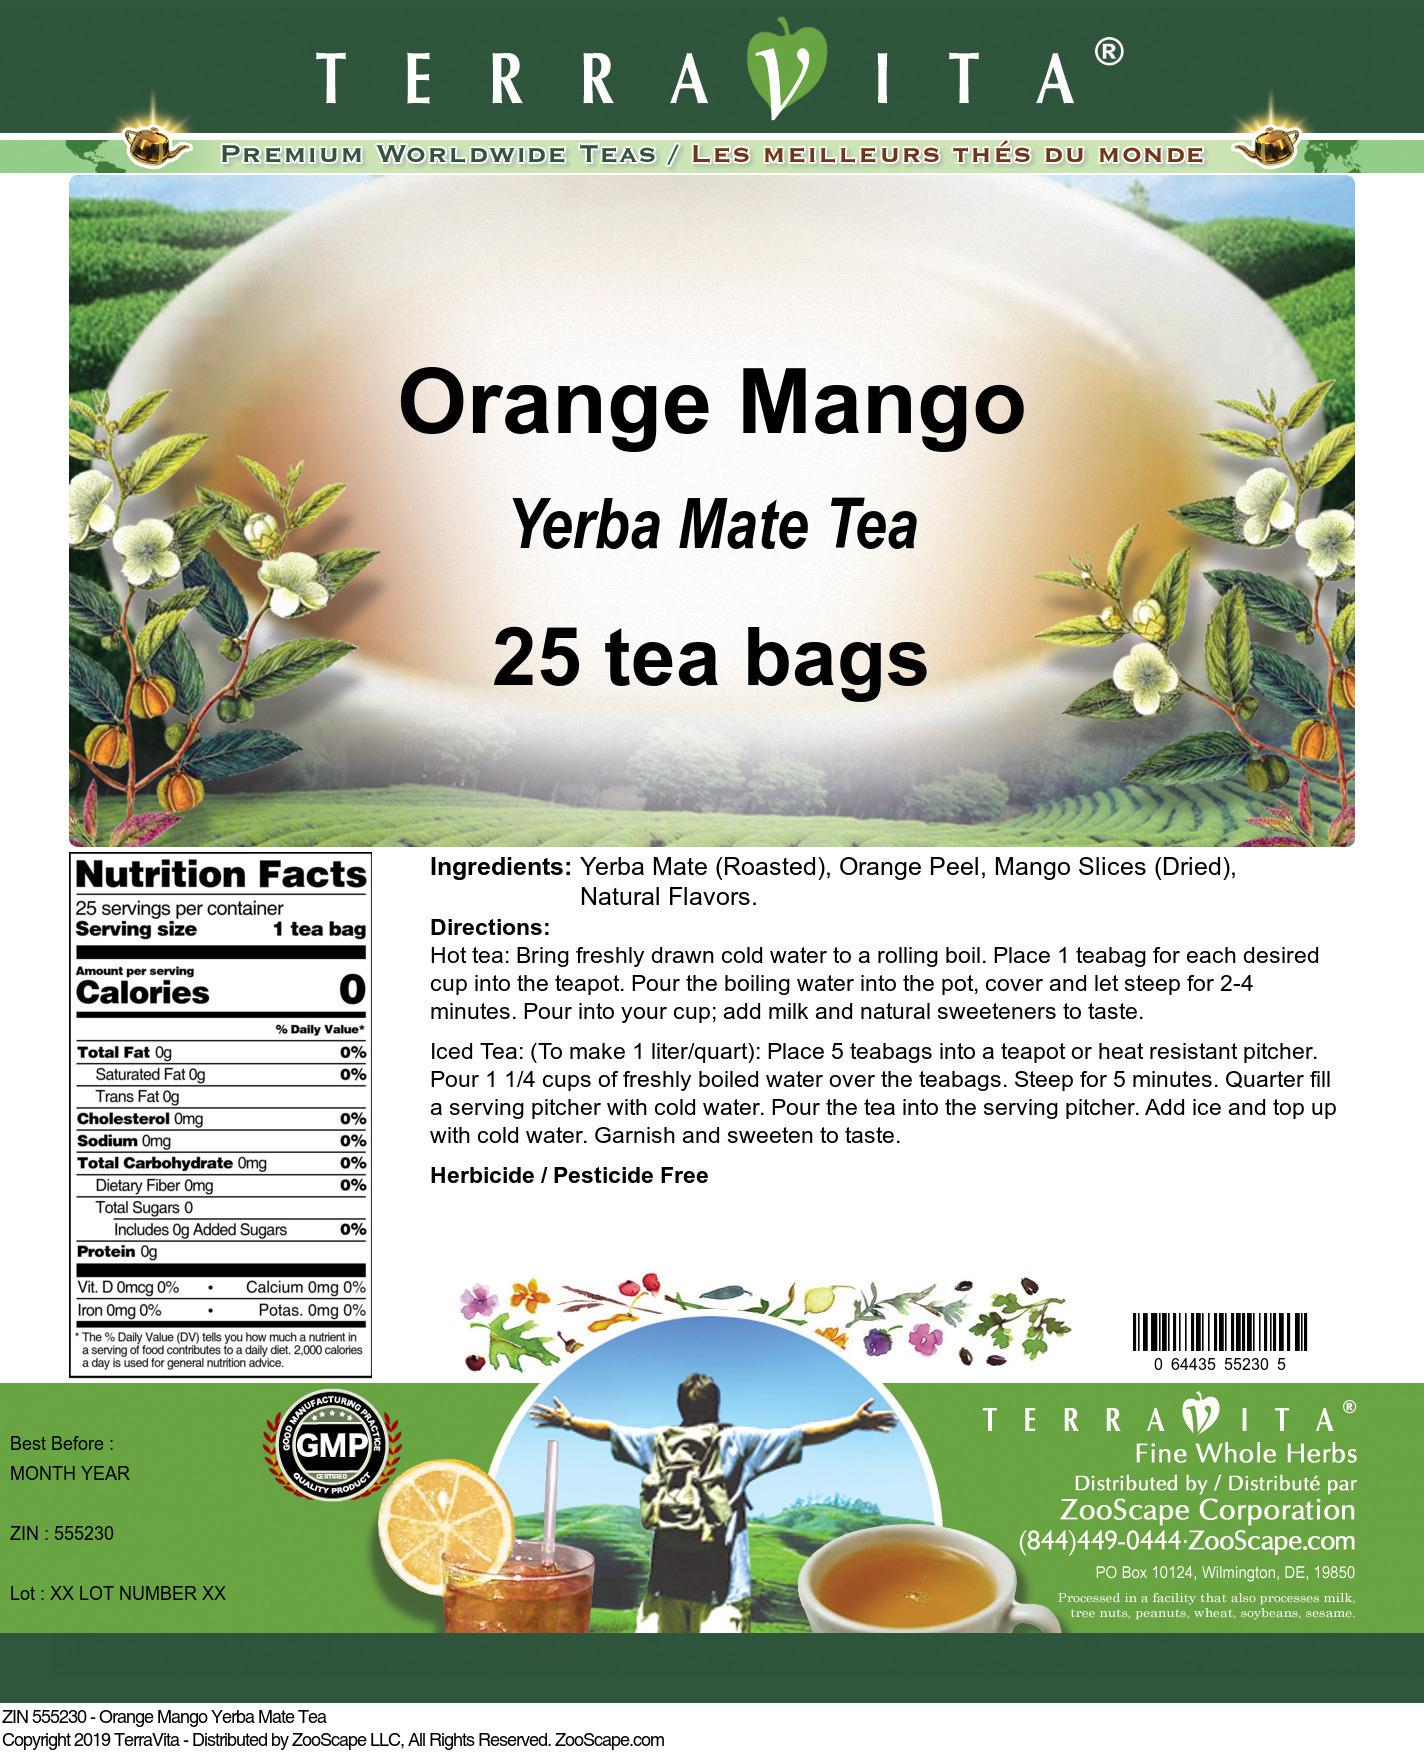 Orange Mango Yerba Mate